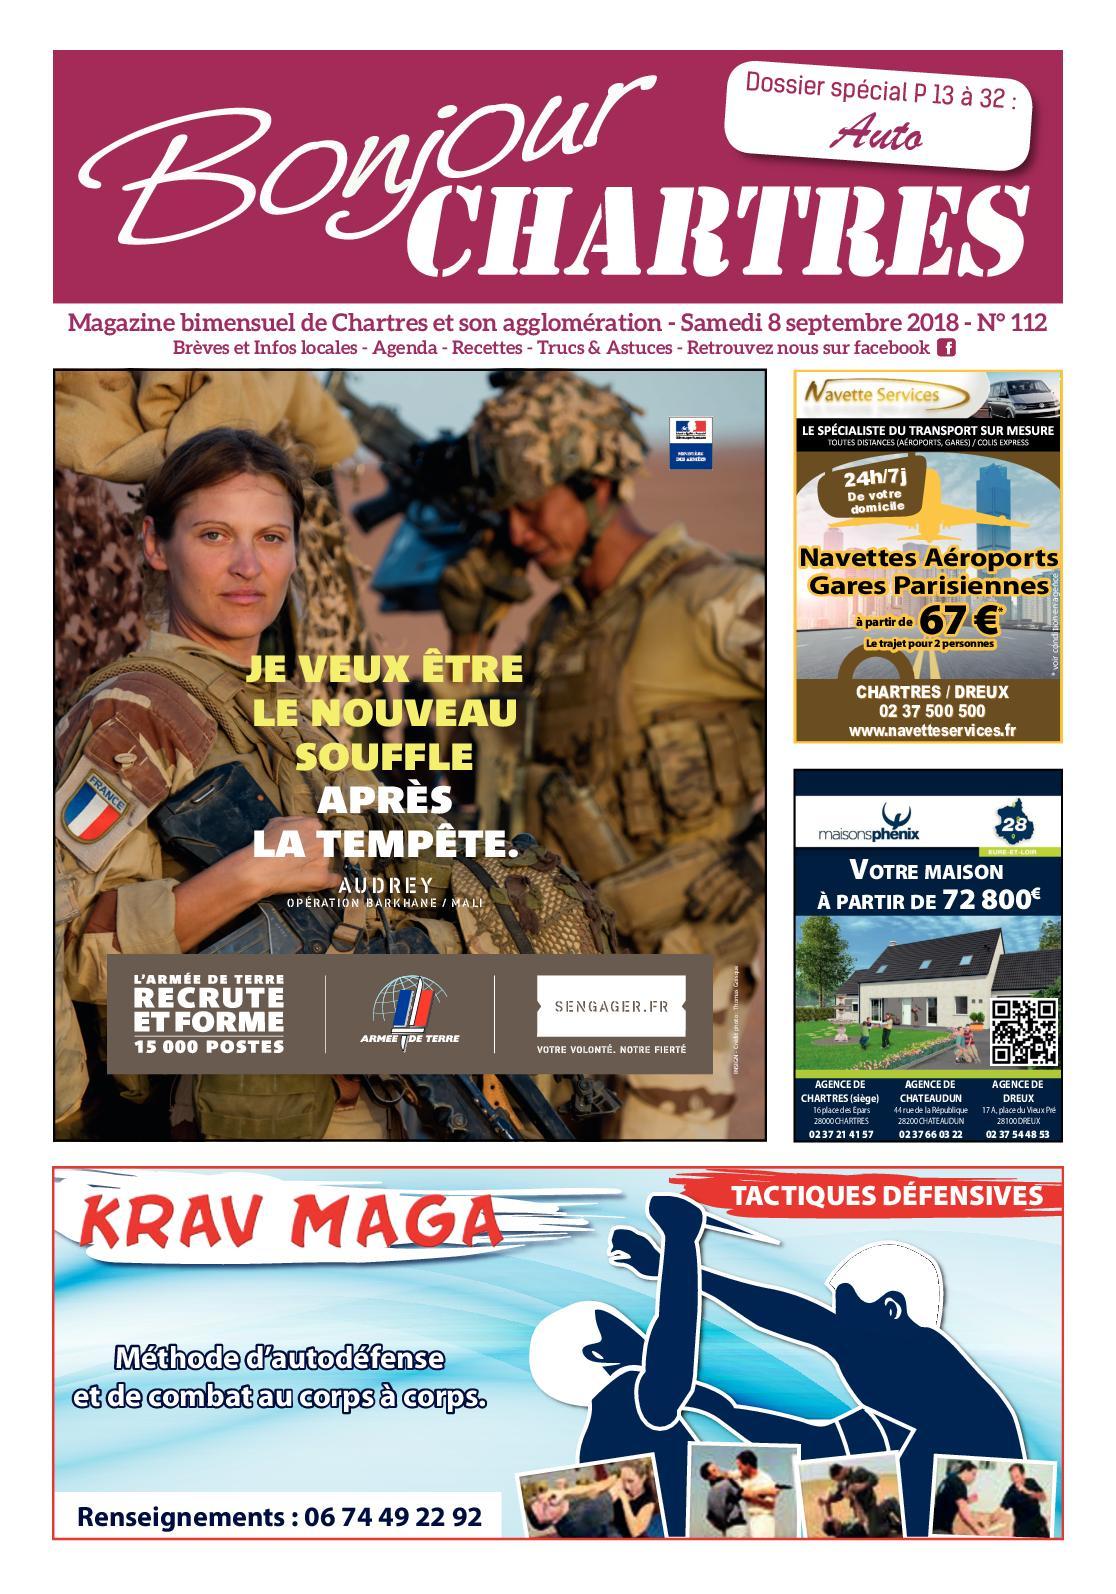 Calaméo Chartres Bonjour Calaméo N°112 N°112 Chartres Bonjour Bonjour Calaméo 4ARLSc5j3q